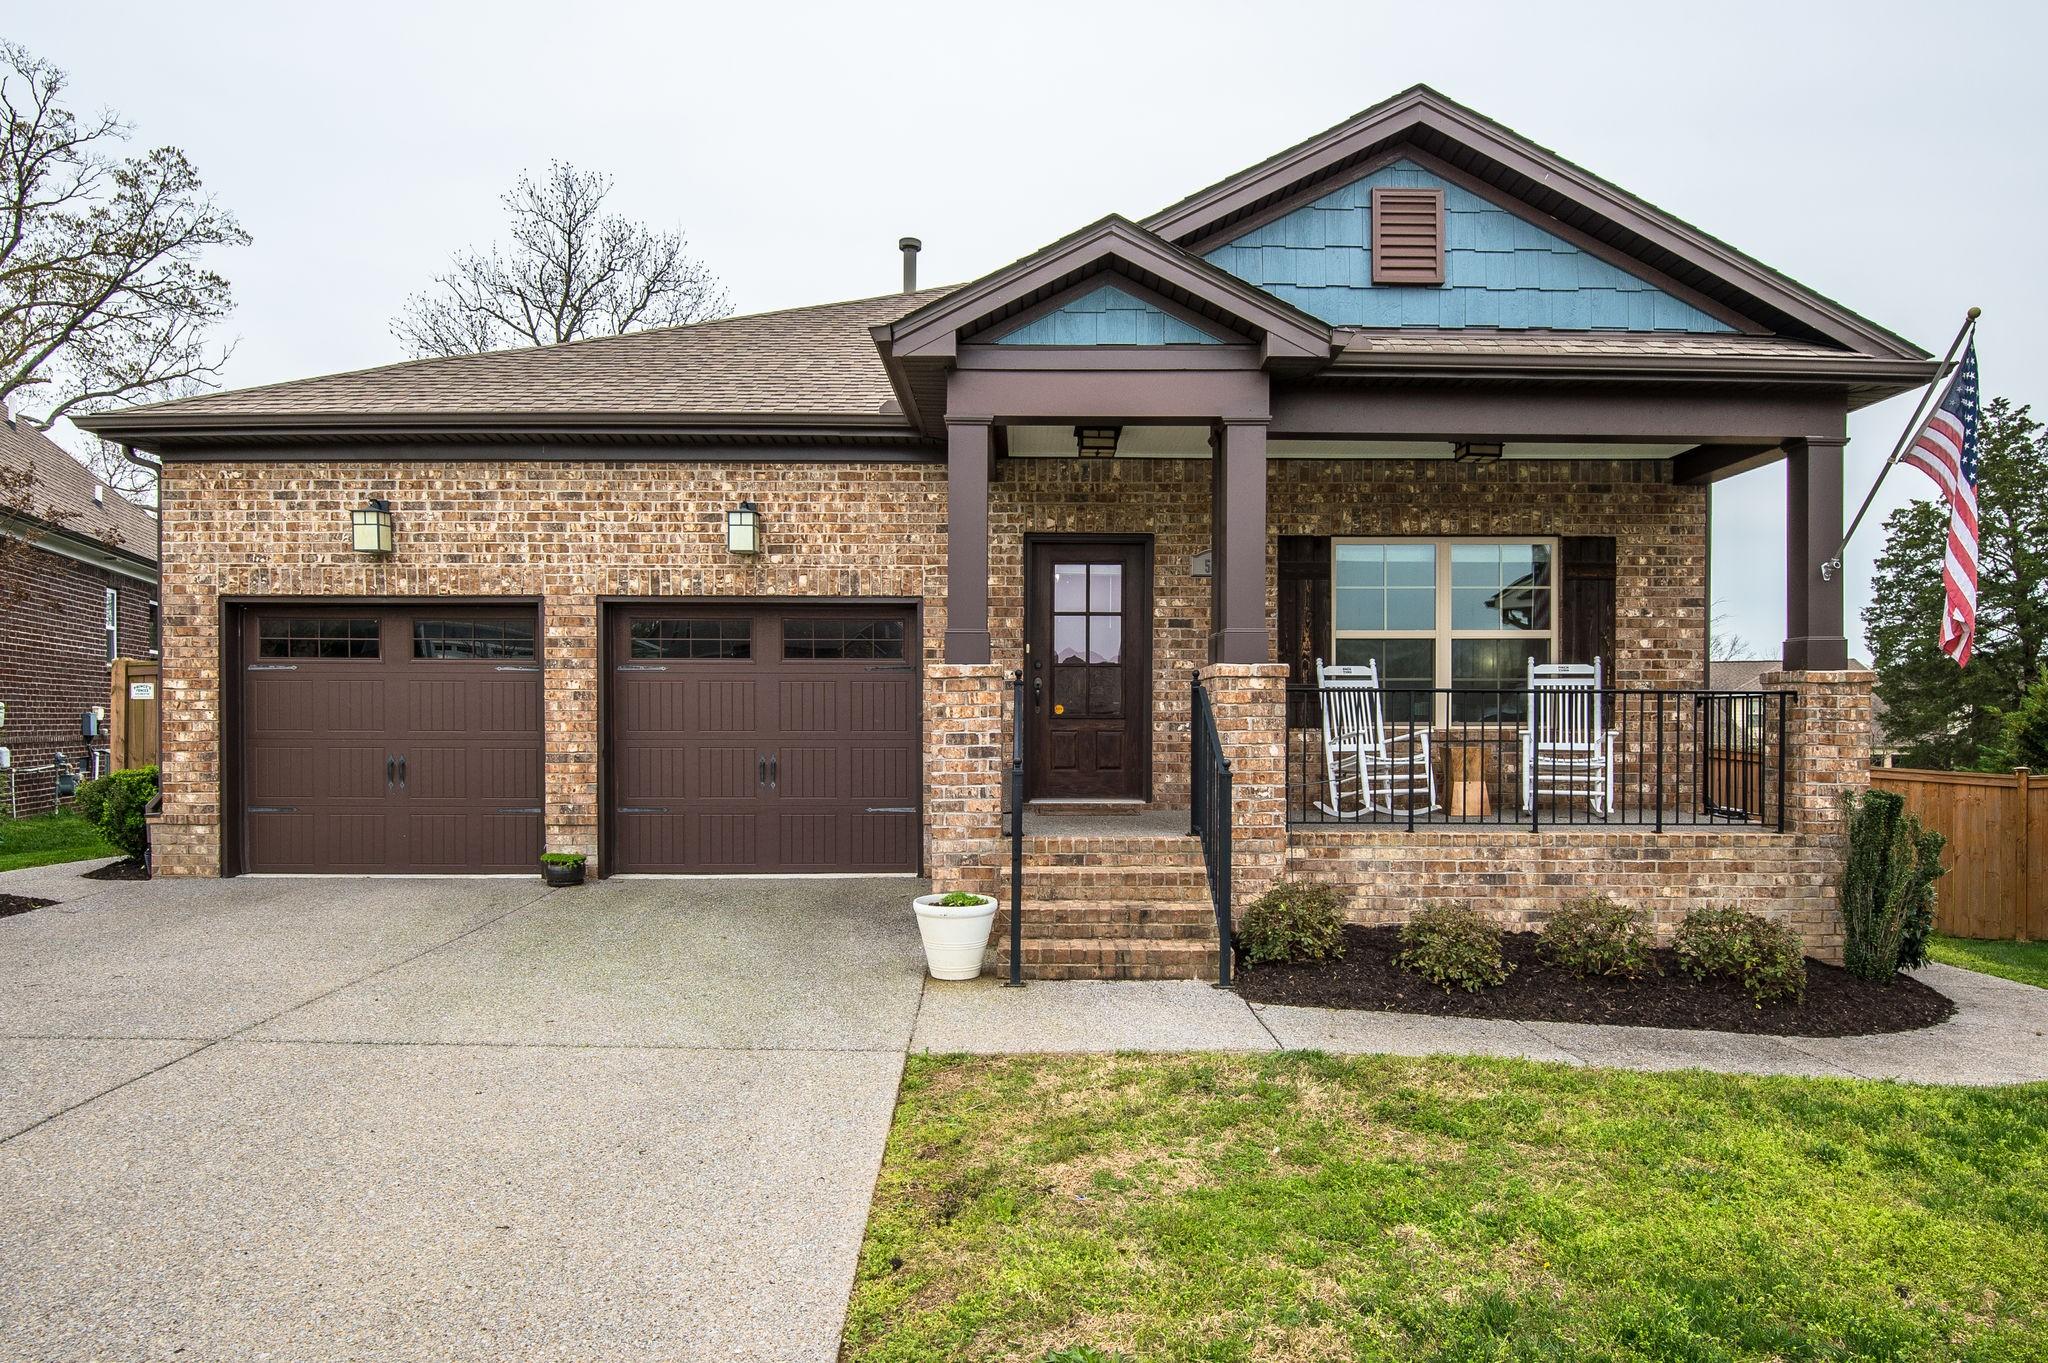 512 Wilcox Ct, Nolensville, TN 37135 - Nolensville, TN real estate listing